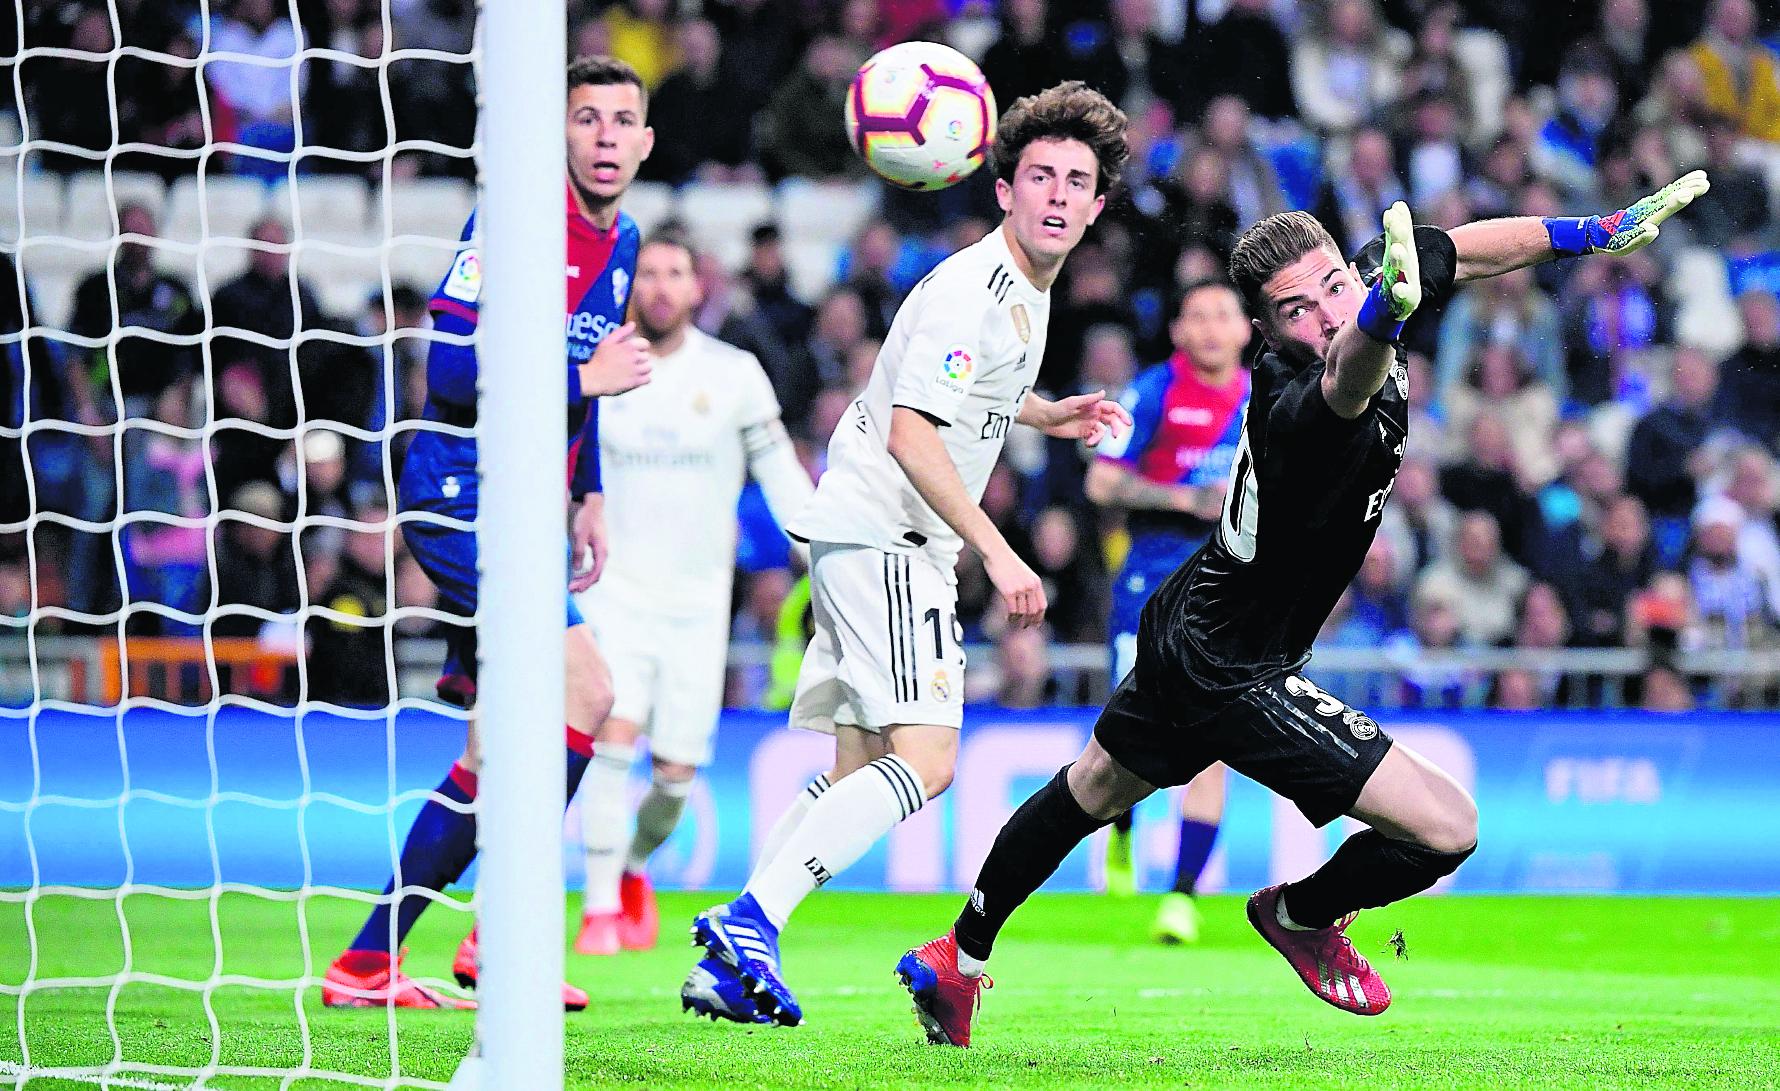 Luca Zidane ya ha debutado con el Real Madrid, aunque algunos aficionados no confían en él. (Foto Prensa Libre: Hemeroteca PL)